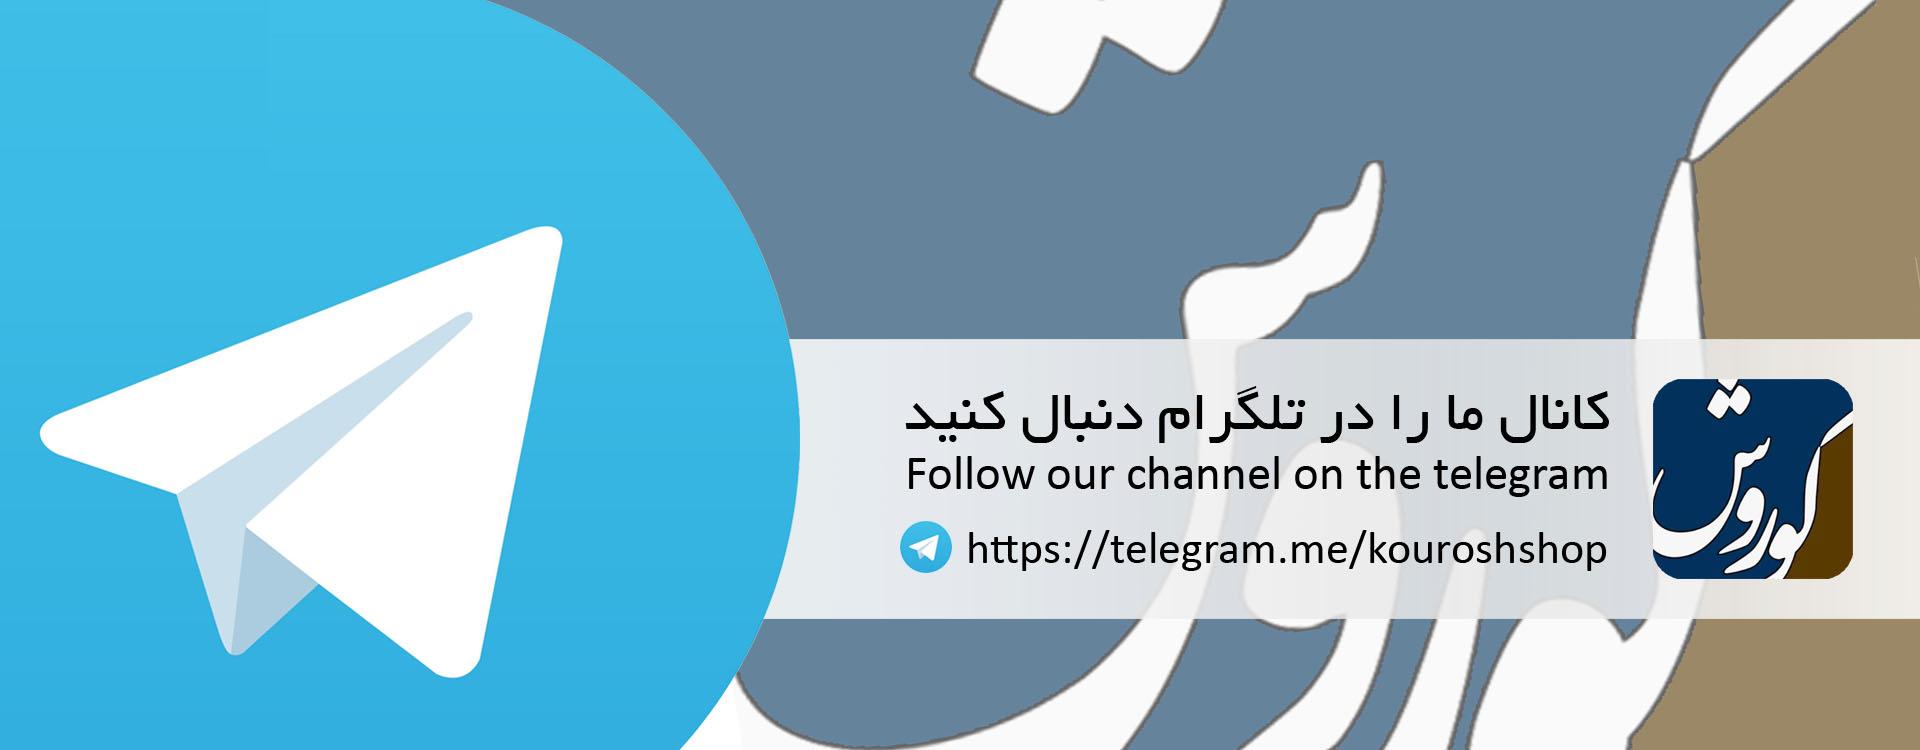 عضویت در کانال تلگرامی فروشگاه کوروش